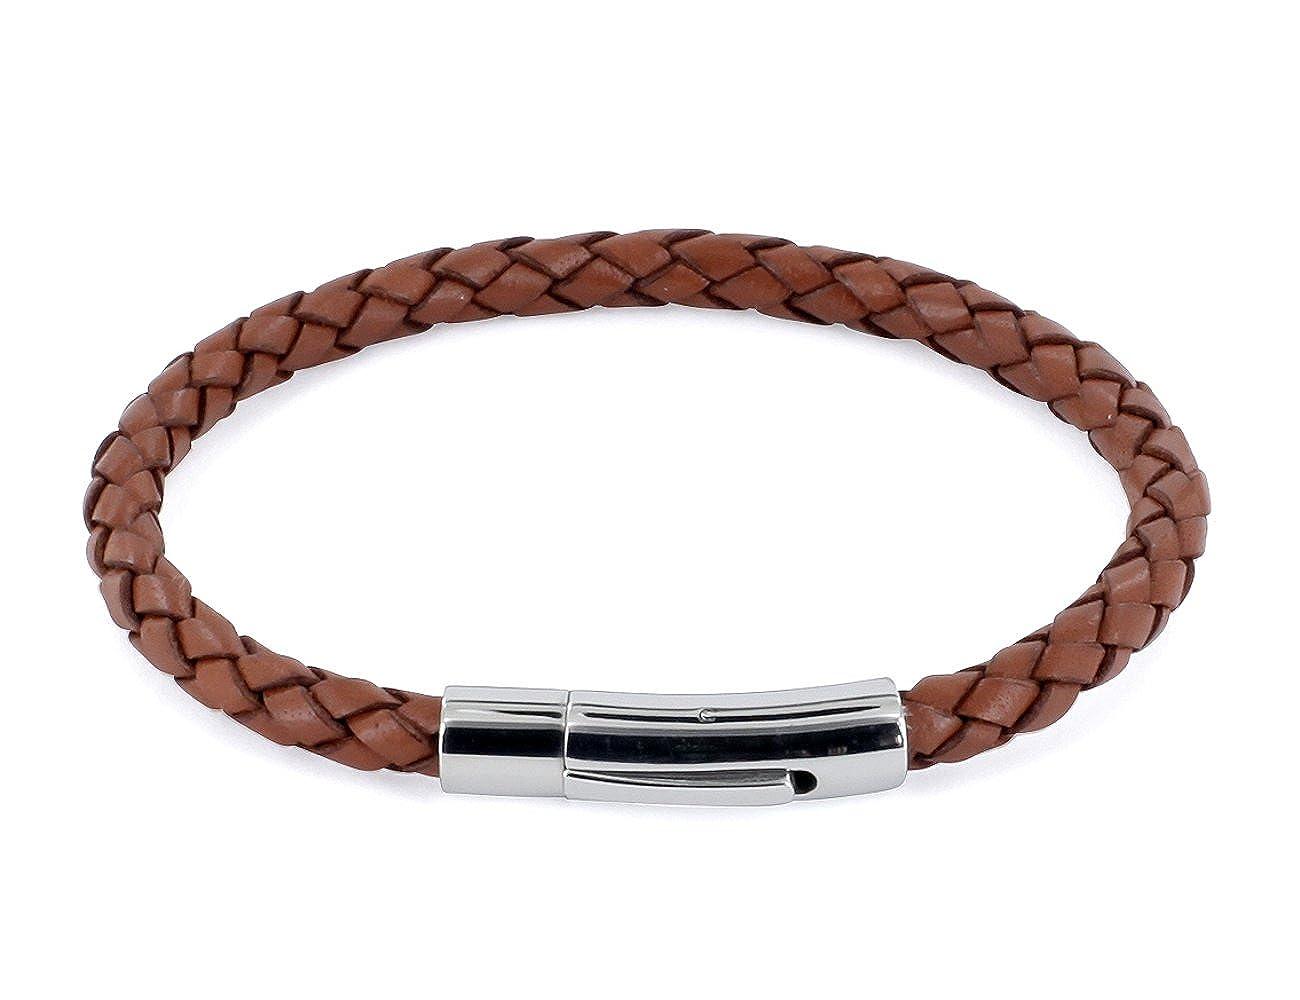 AURORIS Echtleder-Armband geflochten 5mm mit Hebeldruckverschluss aus Edelstahl Farbe: hellbraun 4250995619398